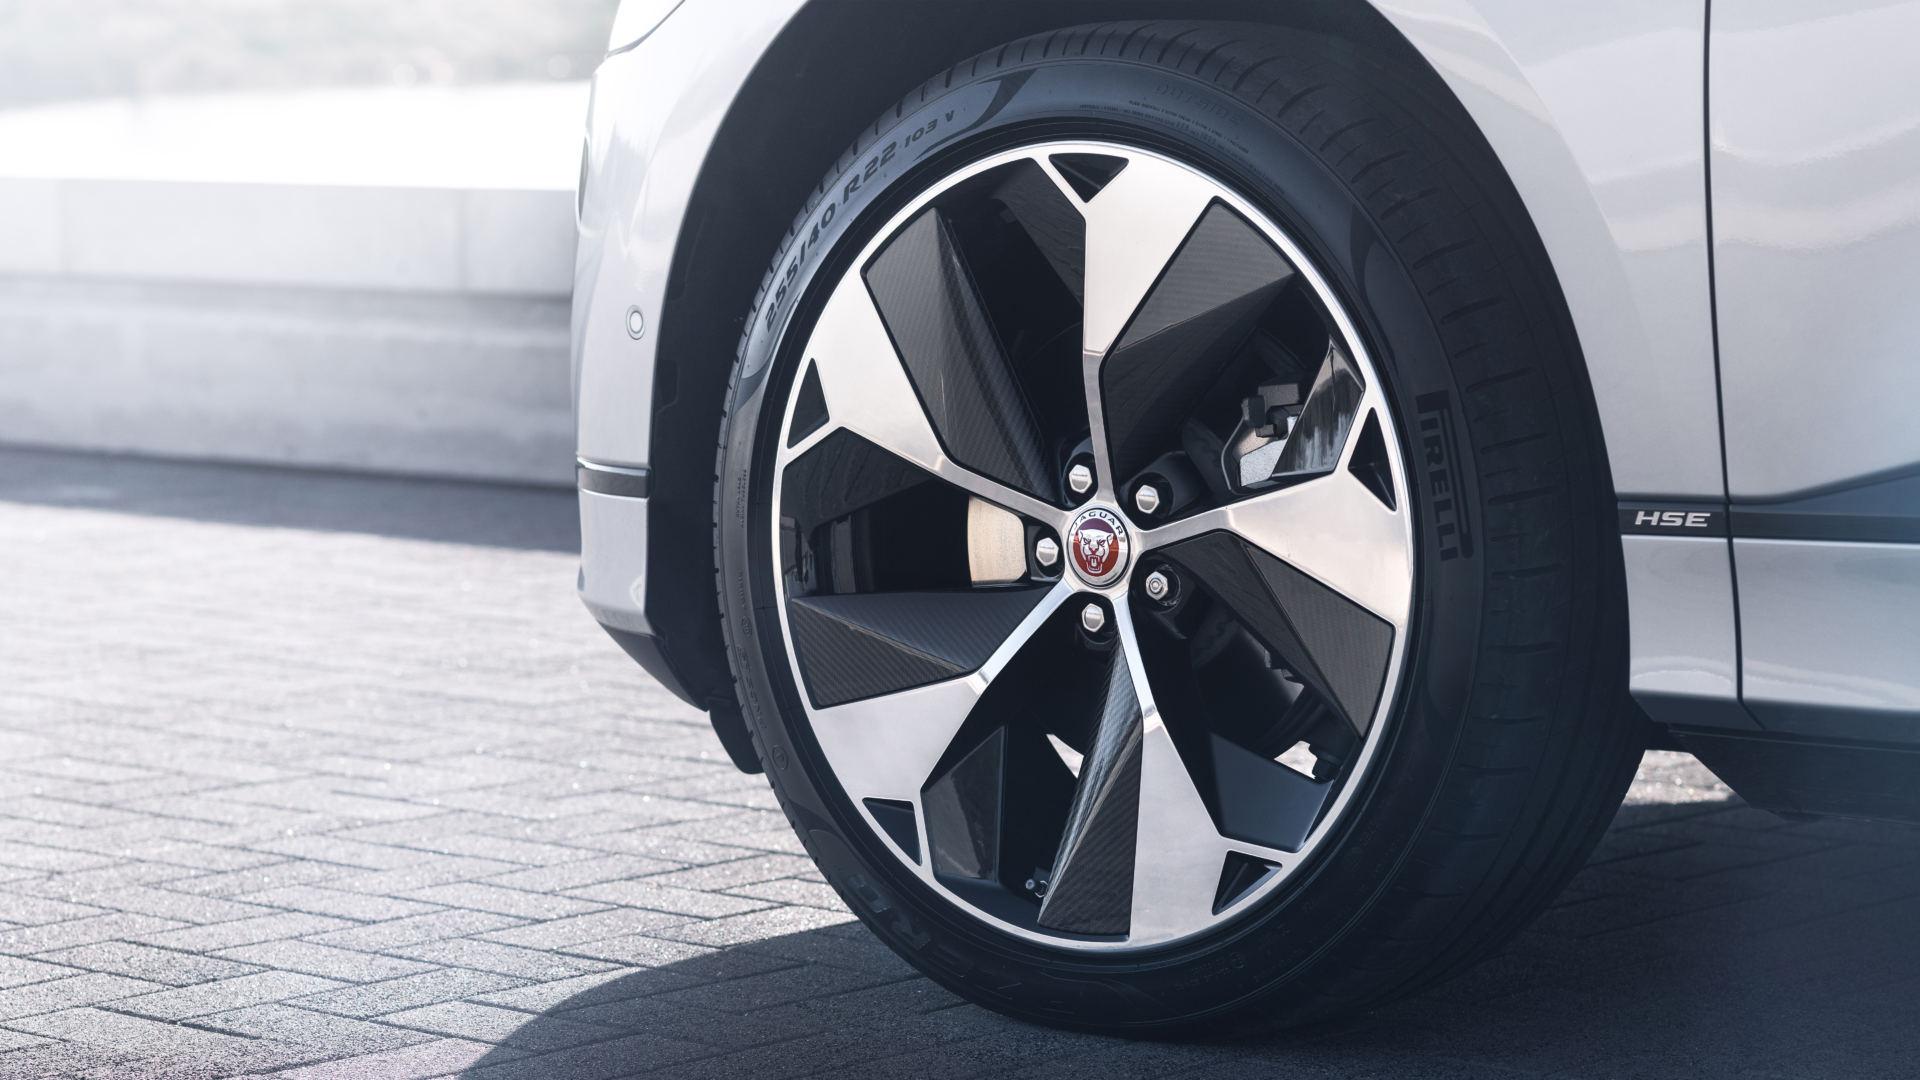 De nouveaux ensembles de roues peuvent mesurer jusqu'à 22 pouces